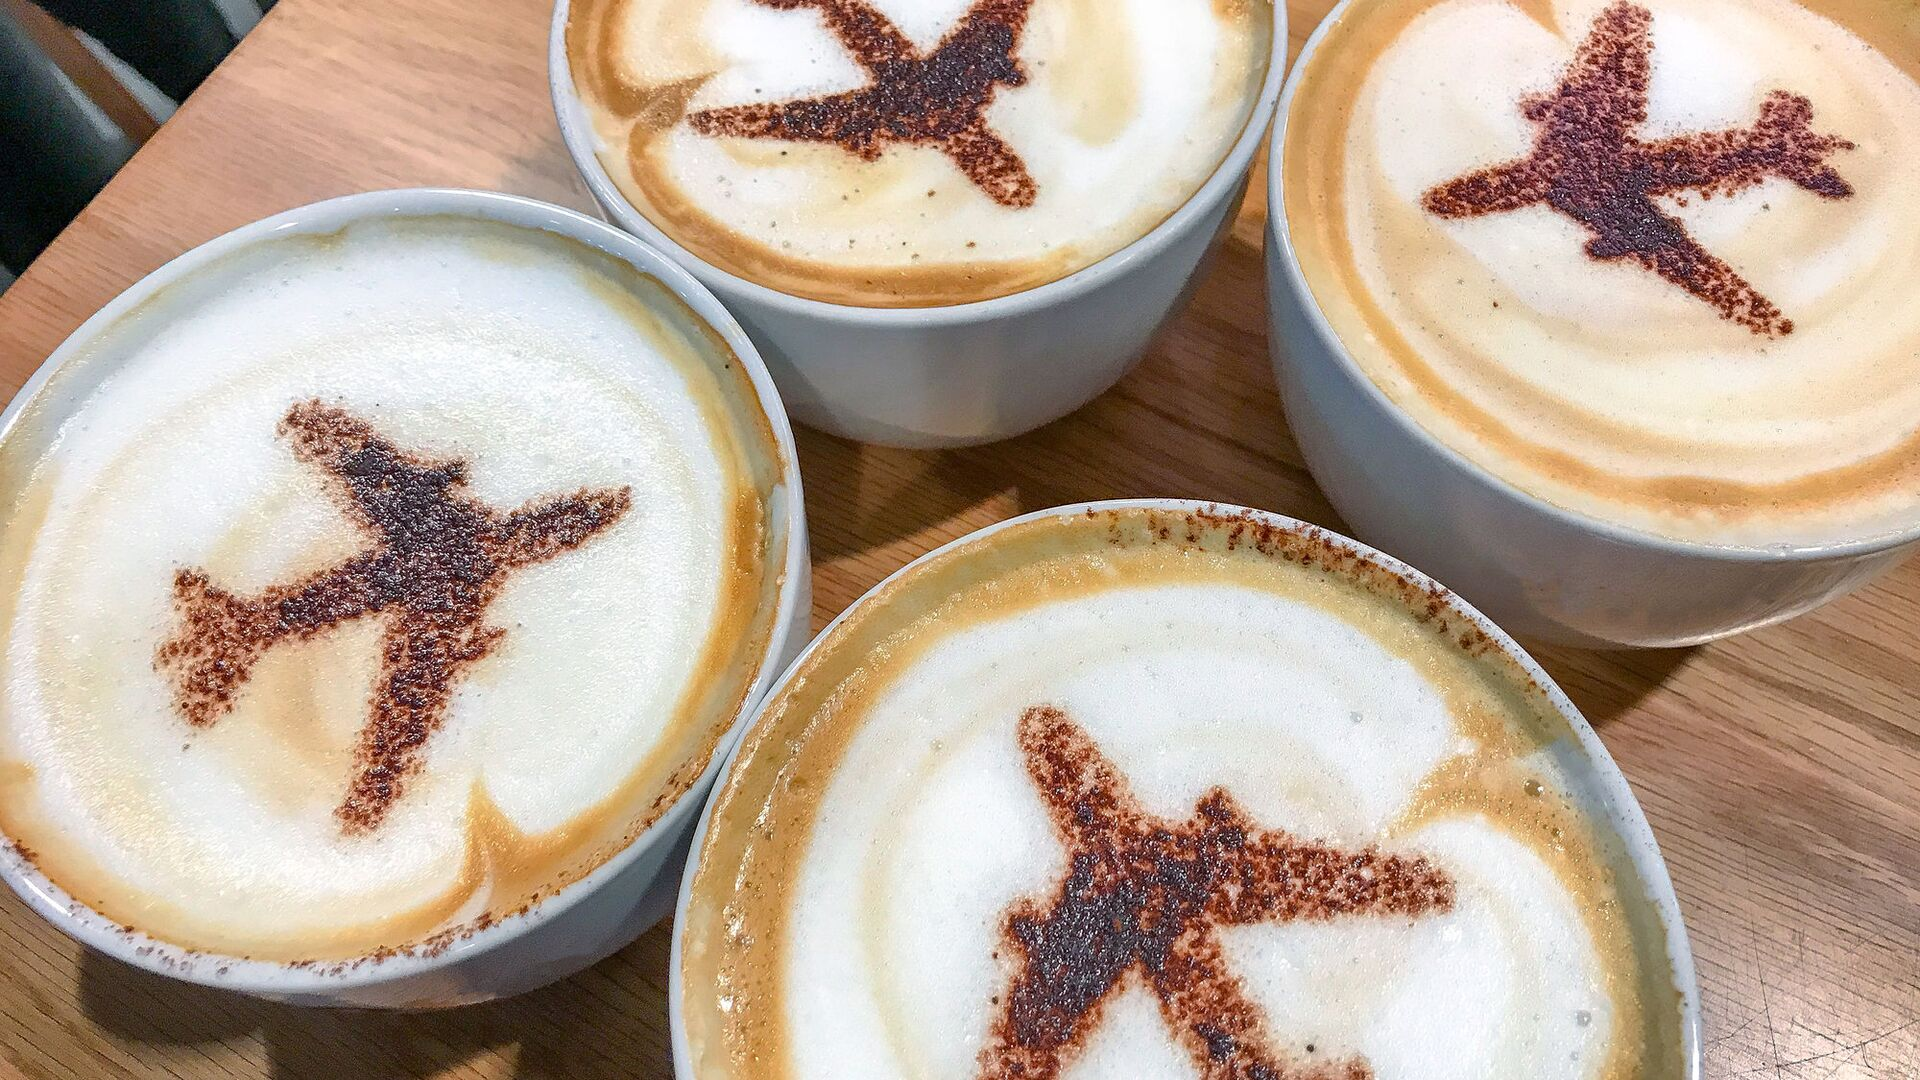 Чашки кофе с изображением самолета - Sputnik Česká republika, 1920, 01.05.2021